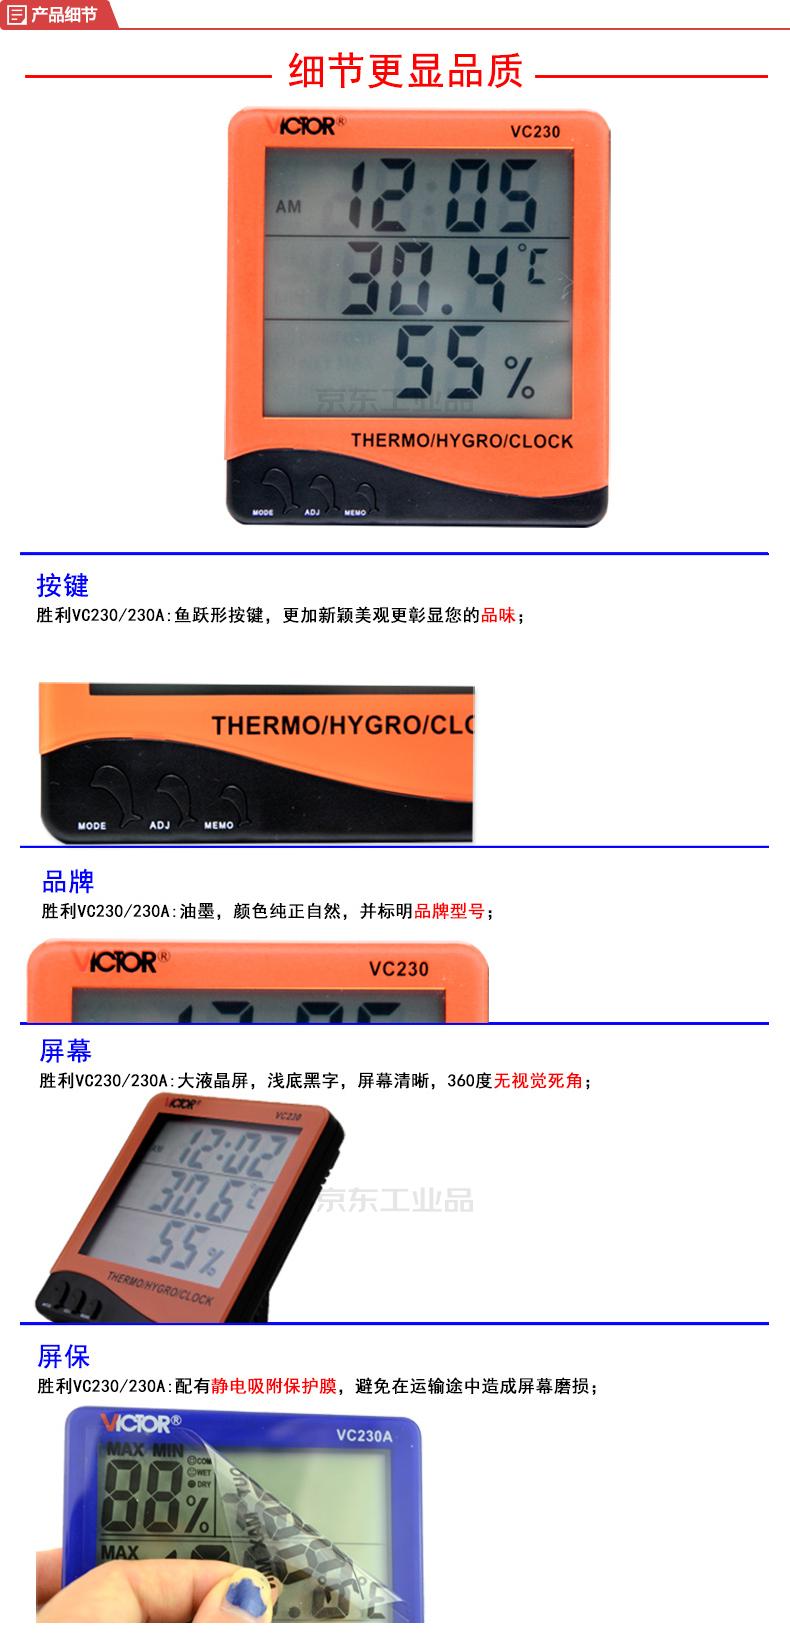 胜利仪器(victor) 家用温湿度表,0~50℃,20-90%RH;VC230